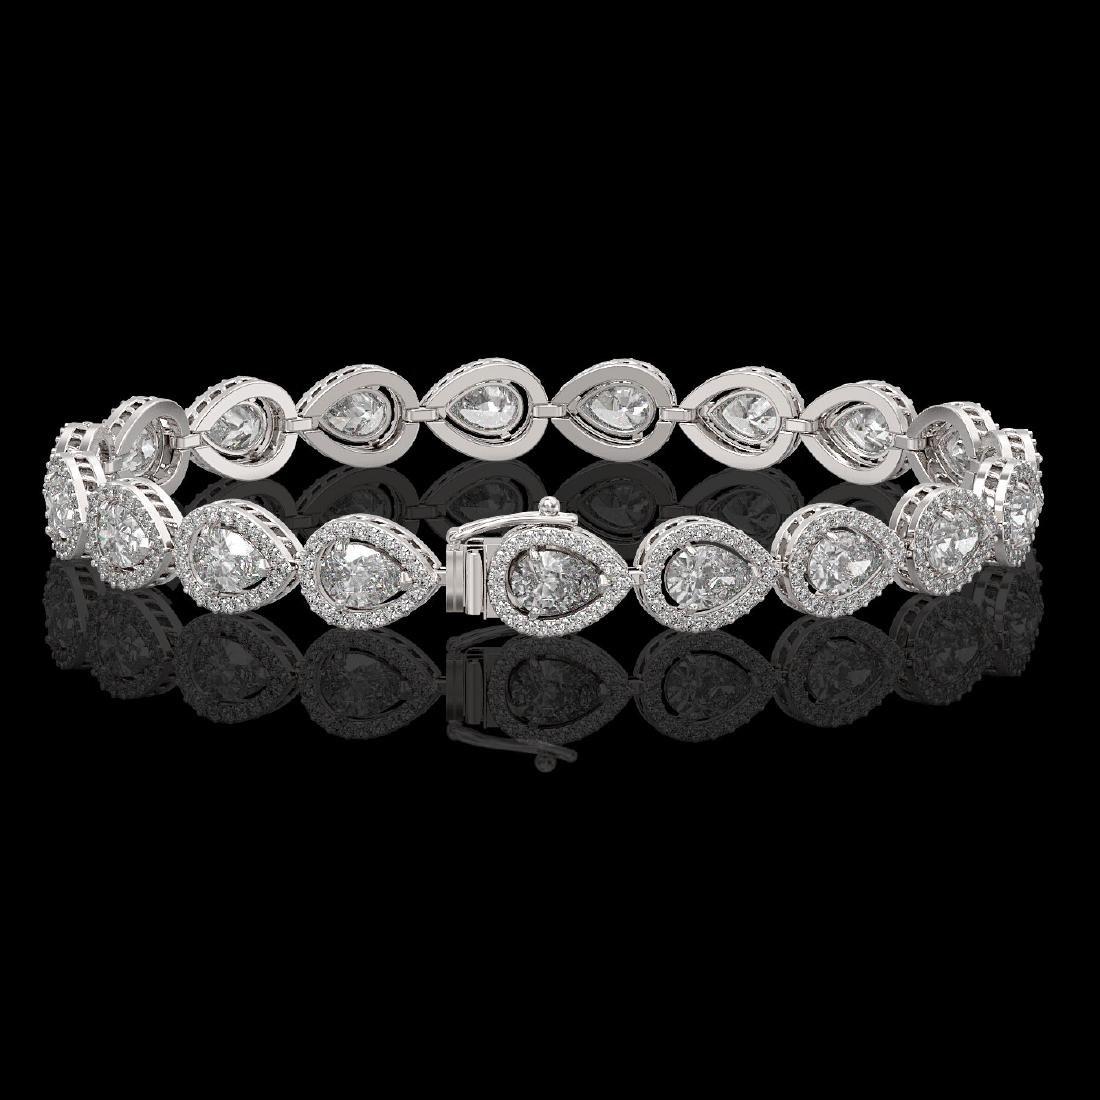 12.38 CTW Pear Diamond Designer Bracelet 18K White Gold - 2